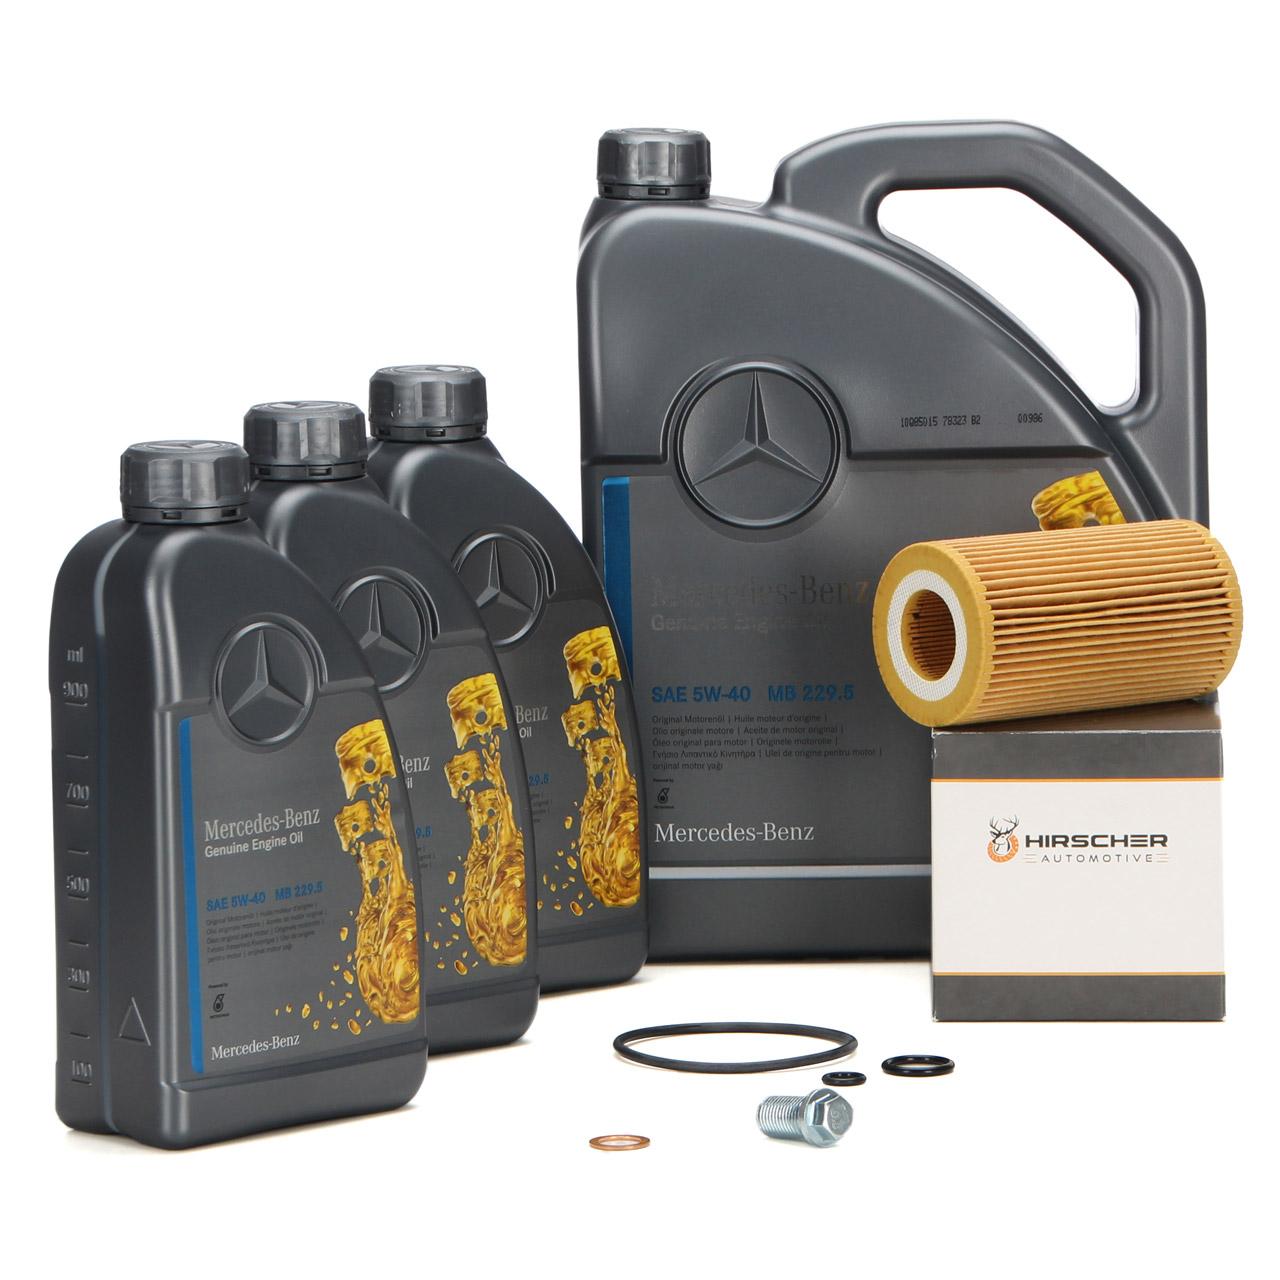 ORIGINAL Mercedes-Benz Motoröl 5W40 MB 229.5 8 L + HIRSCHER Ölfilter 6111800009